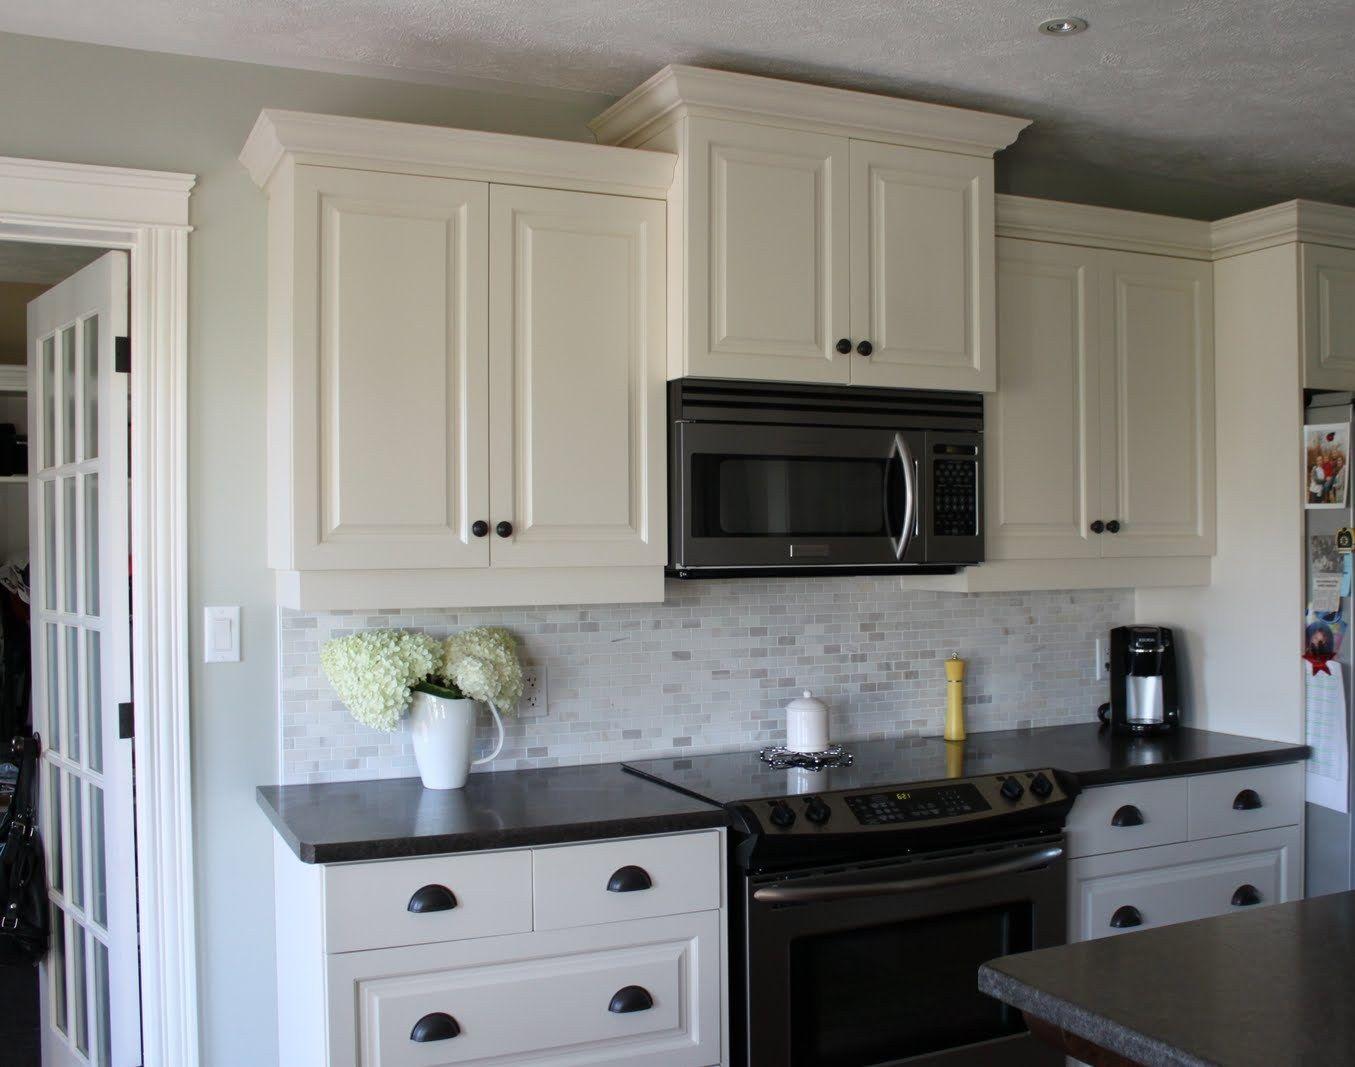 Kitchen Backsplash Ideas With White Cabinets And Dark From Kitch Backsplash For White Cabinets White Cabinets Black Countertops Kitchen Cabinets And Backsplash